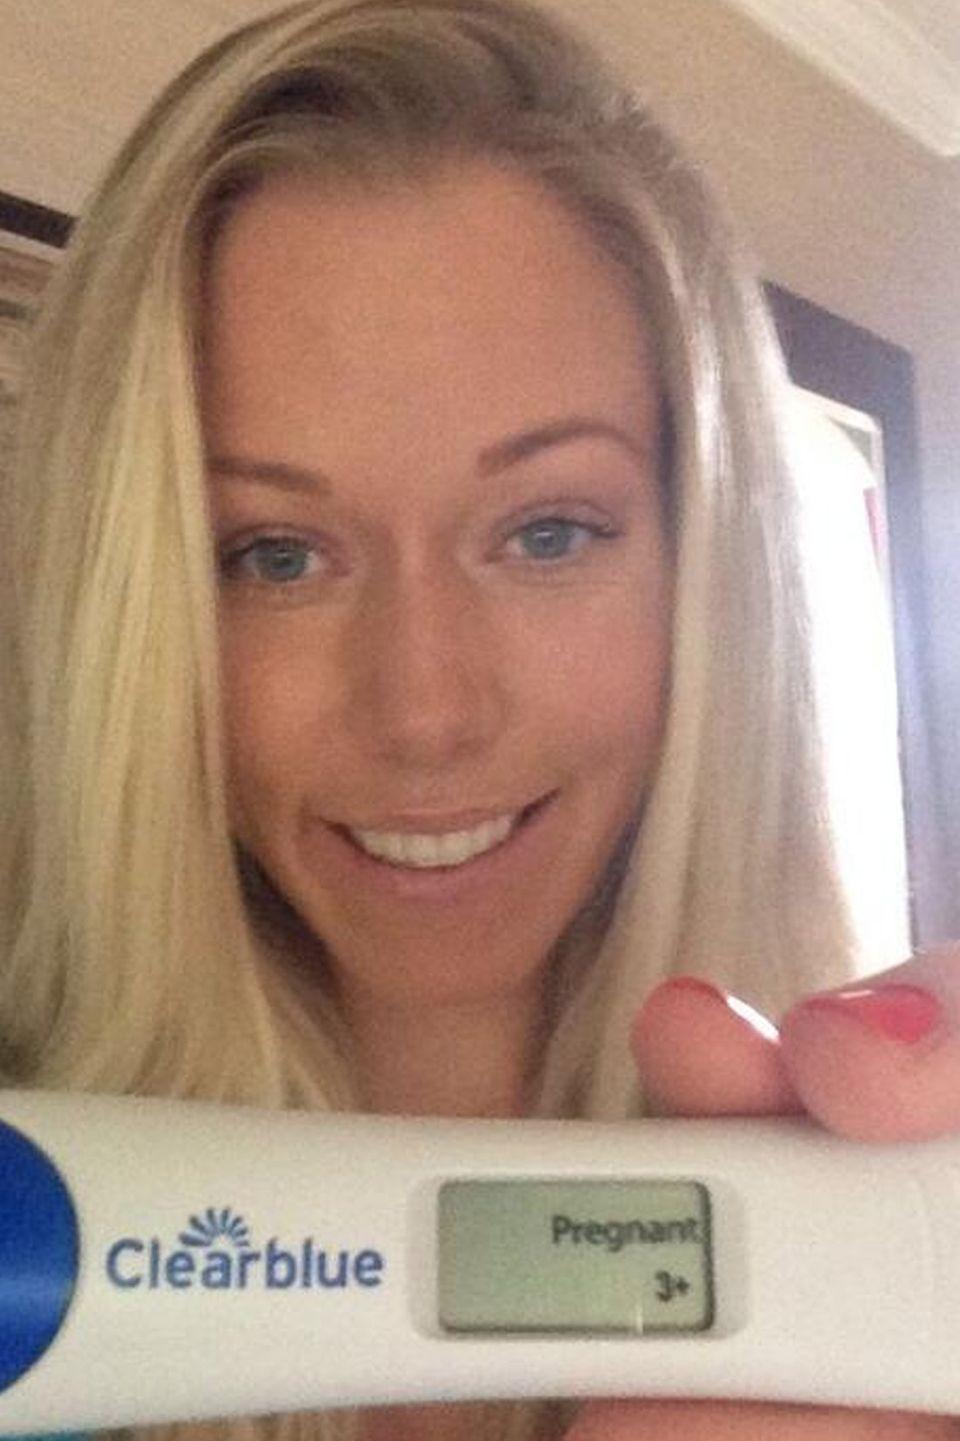 """""""Runde Zwei. Los geht's"""", schreibt Kendra Wilkinson unter das Bild, das ihren positiven Schwangerschaftstest zeigt."""